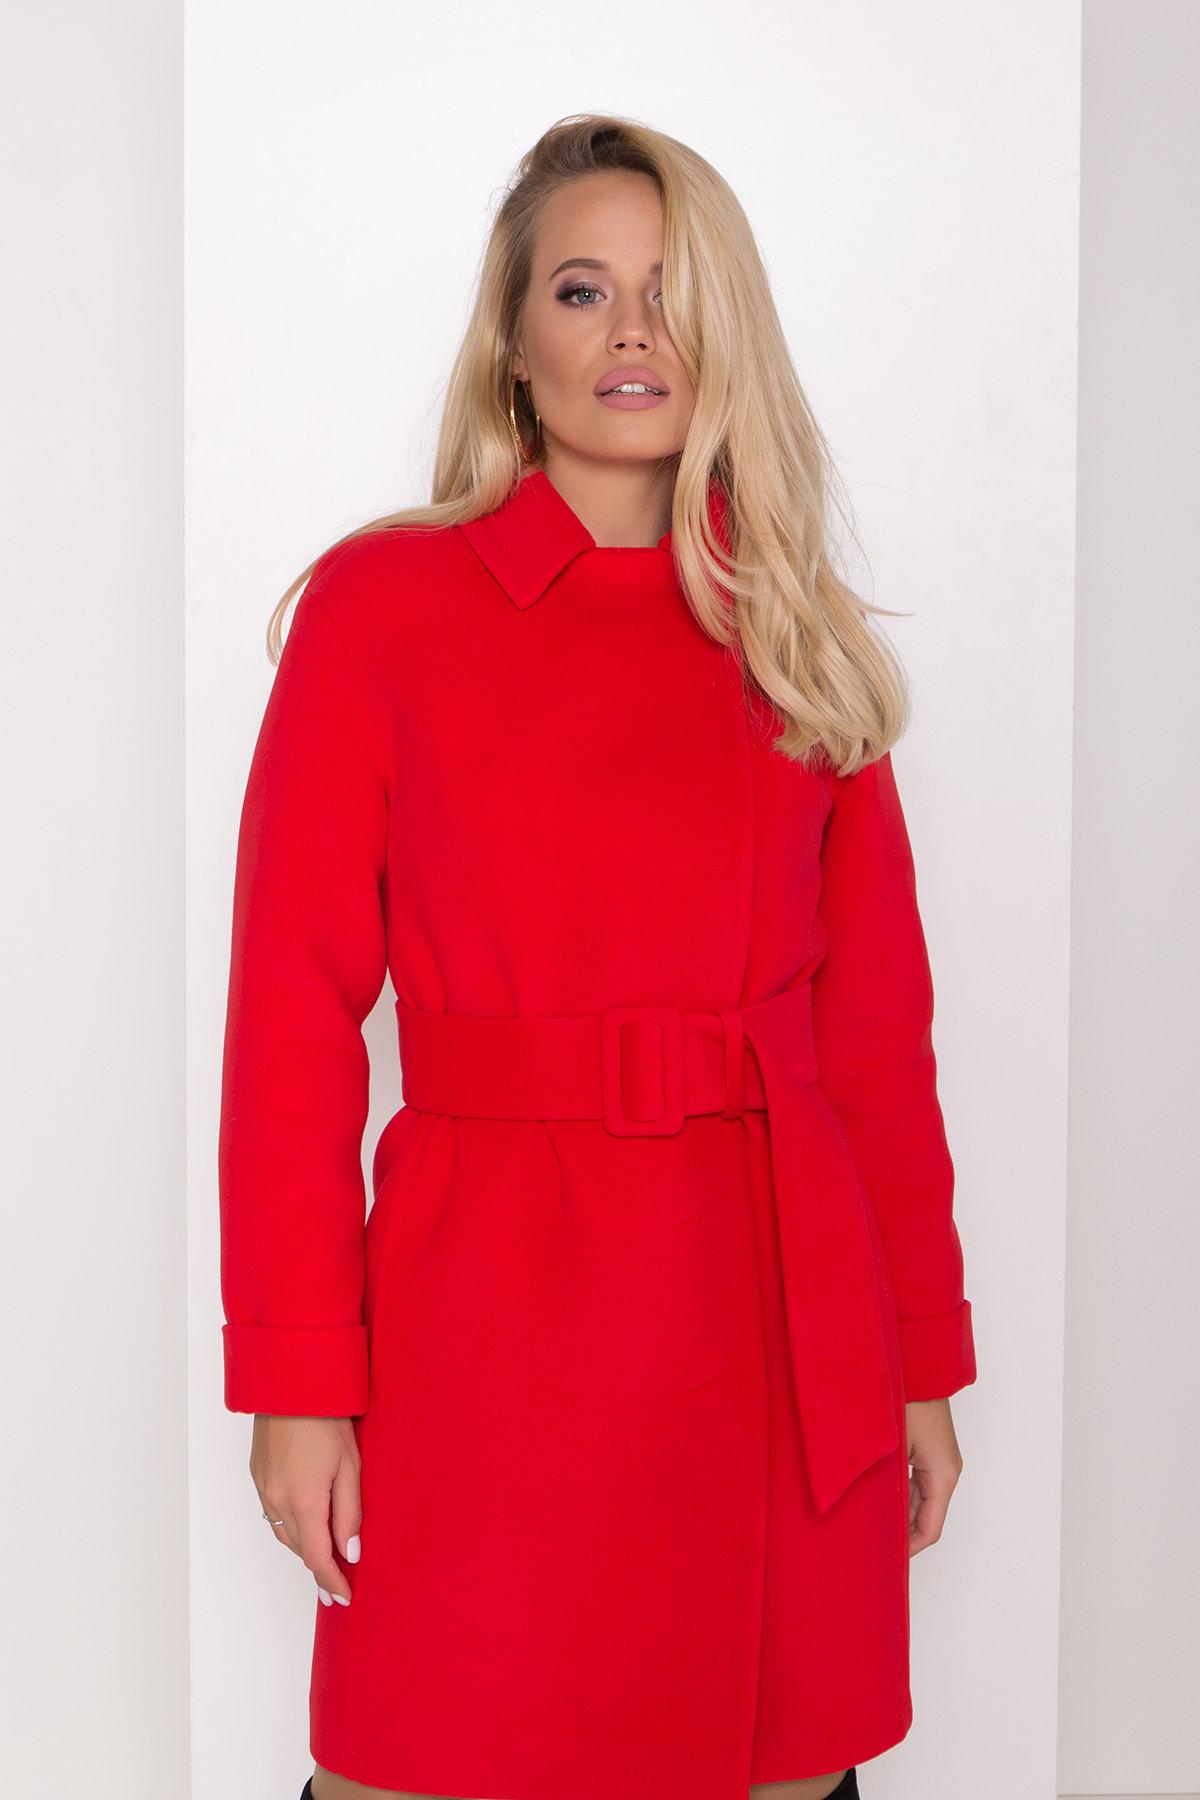 Зимнее пальто в классическом стиле Лизи 8179 АРТ. 44195 Цвет: Красный - фото 5, интернет магазин tm-modus.ru